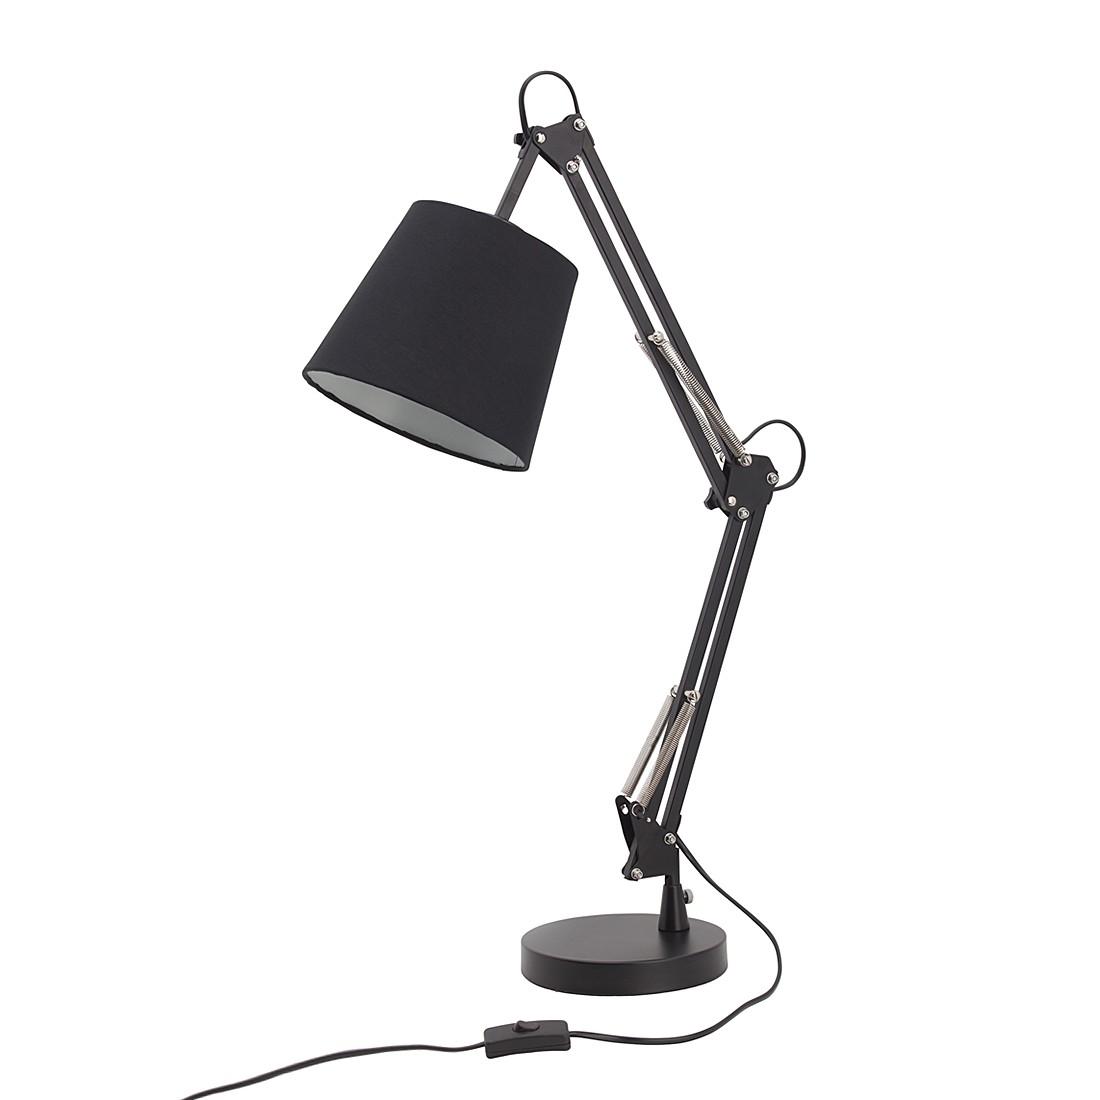 home24 Tischleuchte Dublin   Lampen > Tischleuchten   Schwarz   Metall - Textil   Brilliant